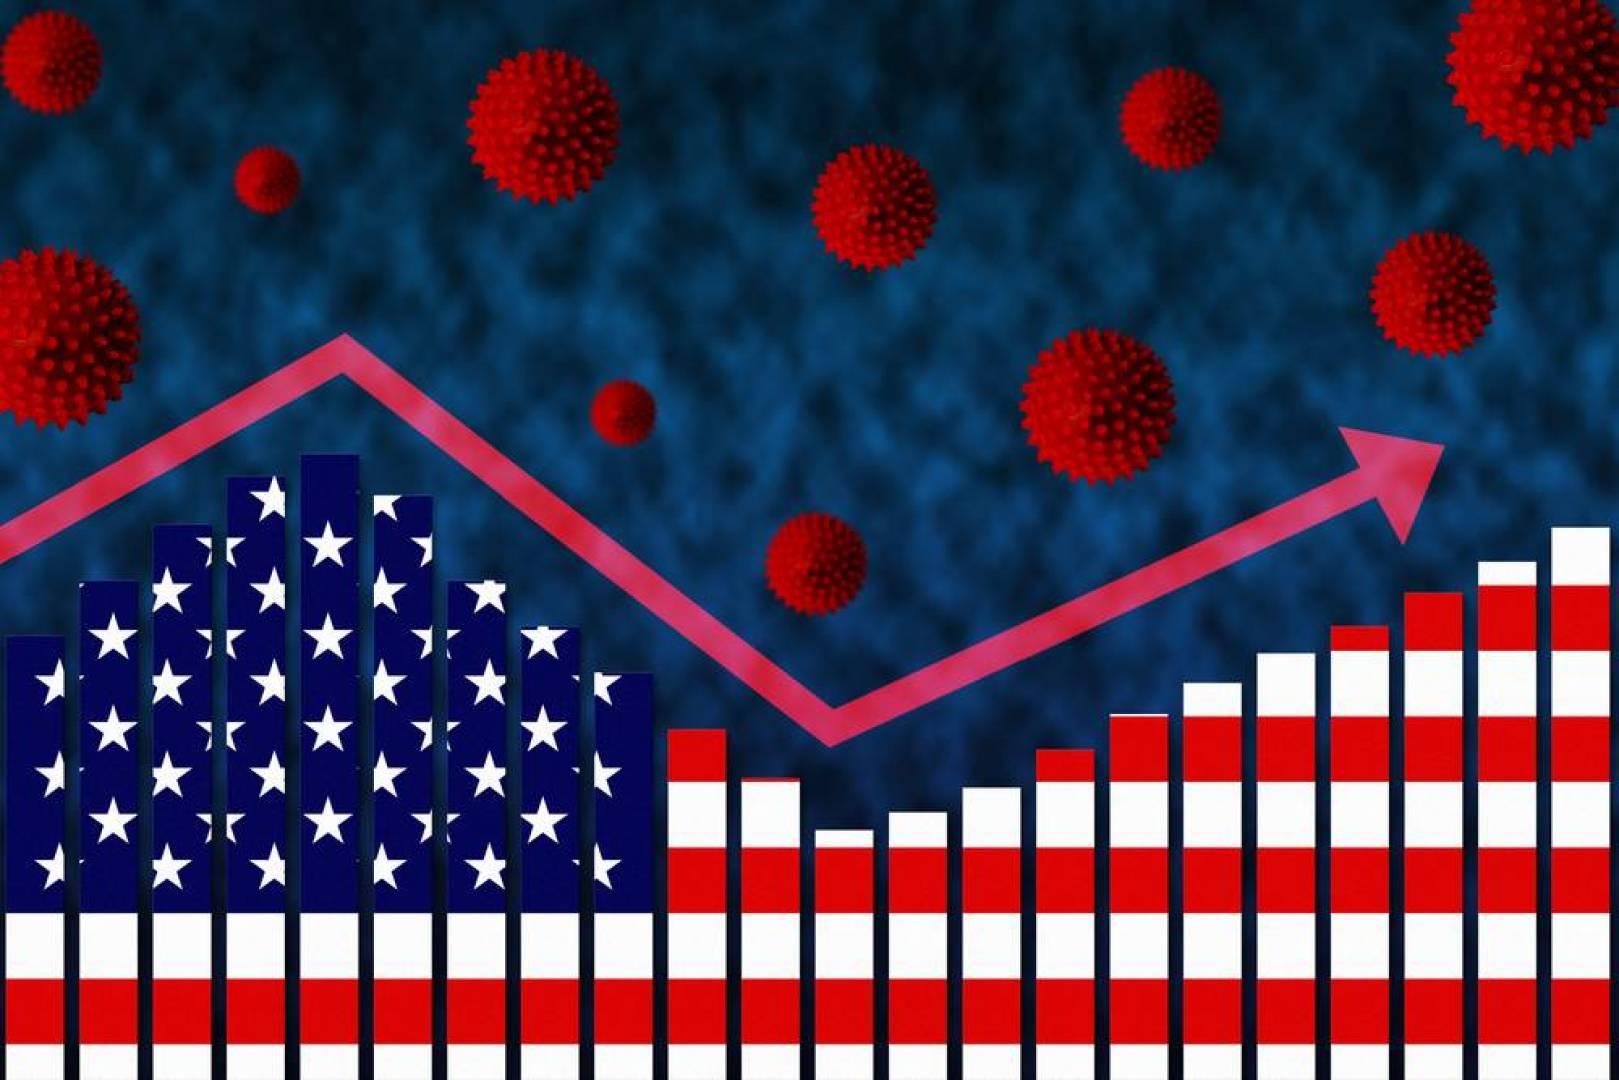 إصابات فيروس كورونا في أميركا تتجاوز 7 ملايين